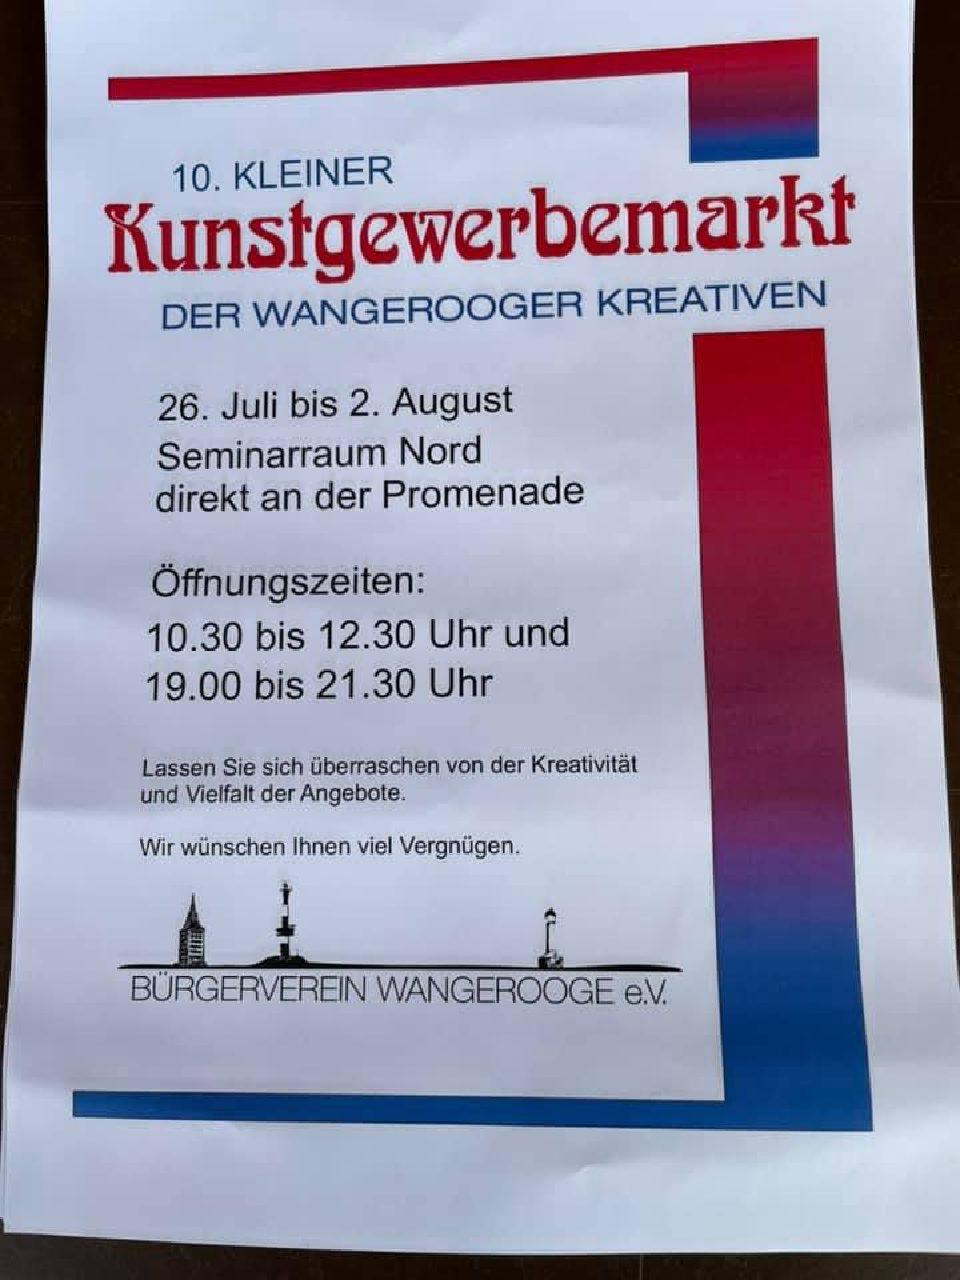 26.07.2021 10. Kleiner Kunstgewerbemarkt 26.07.-02.08.2021 Seminarraum Nord